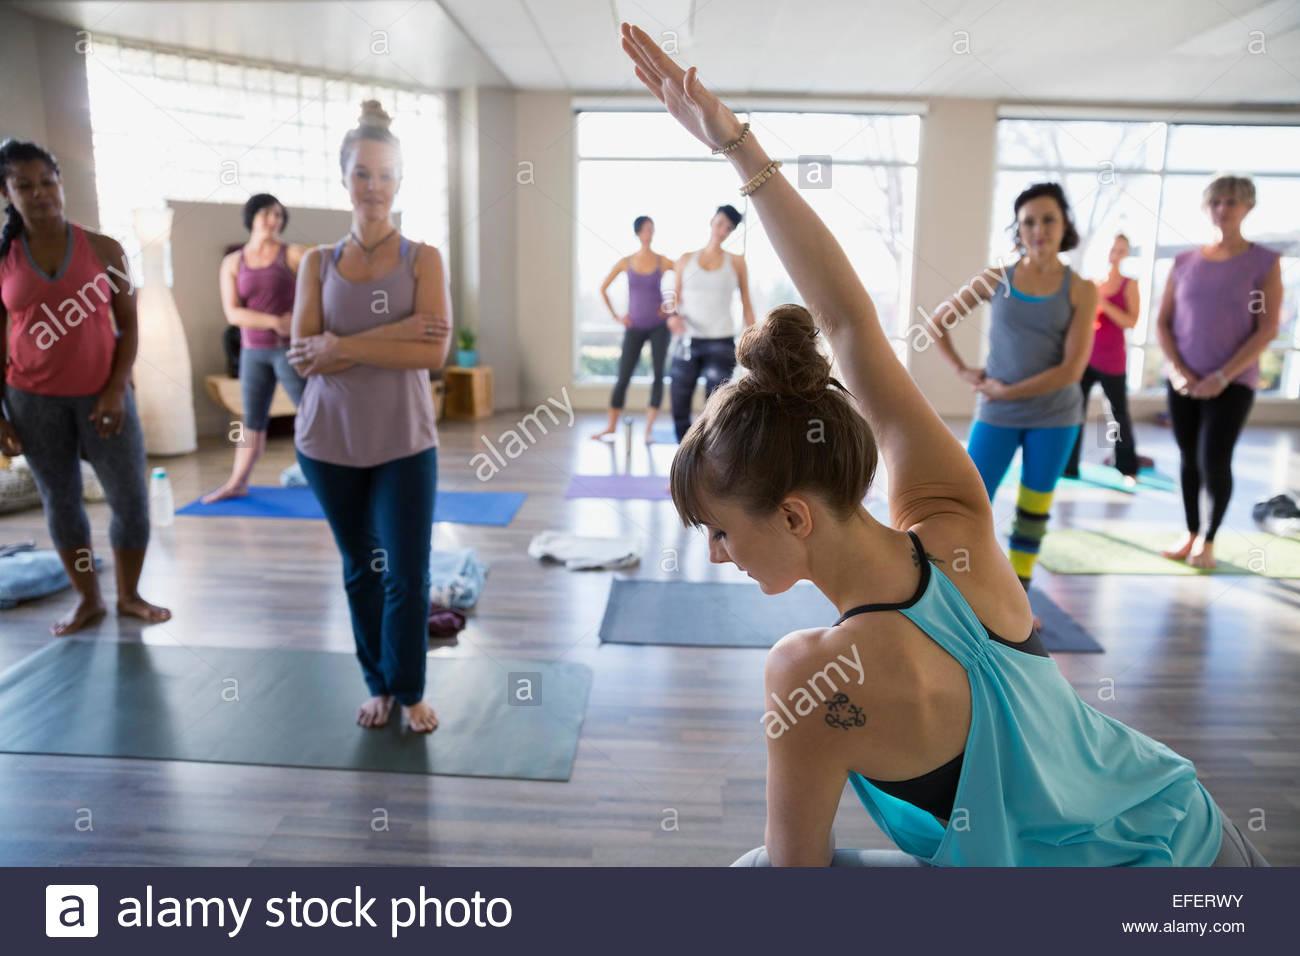 Istruttore Yoga dimostrando laterale modificata posa ad angolo Immagini Stock